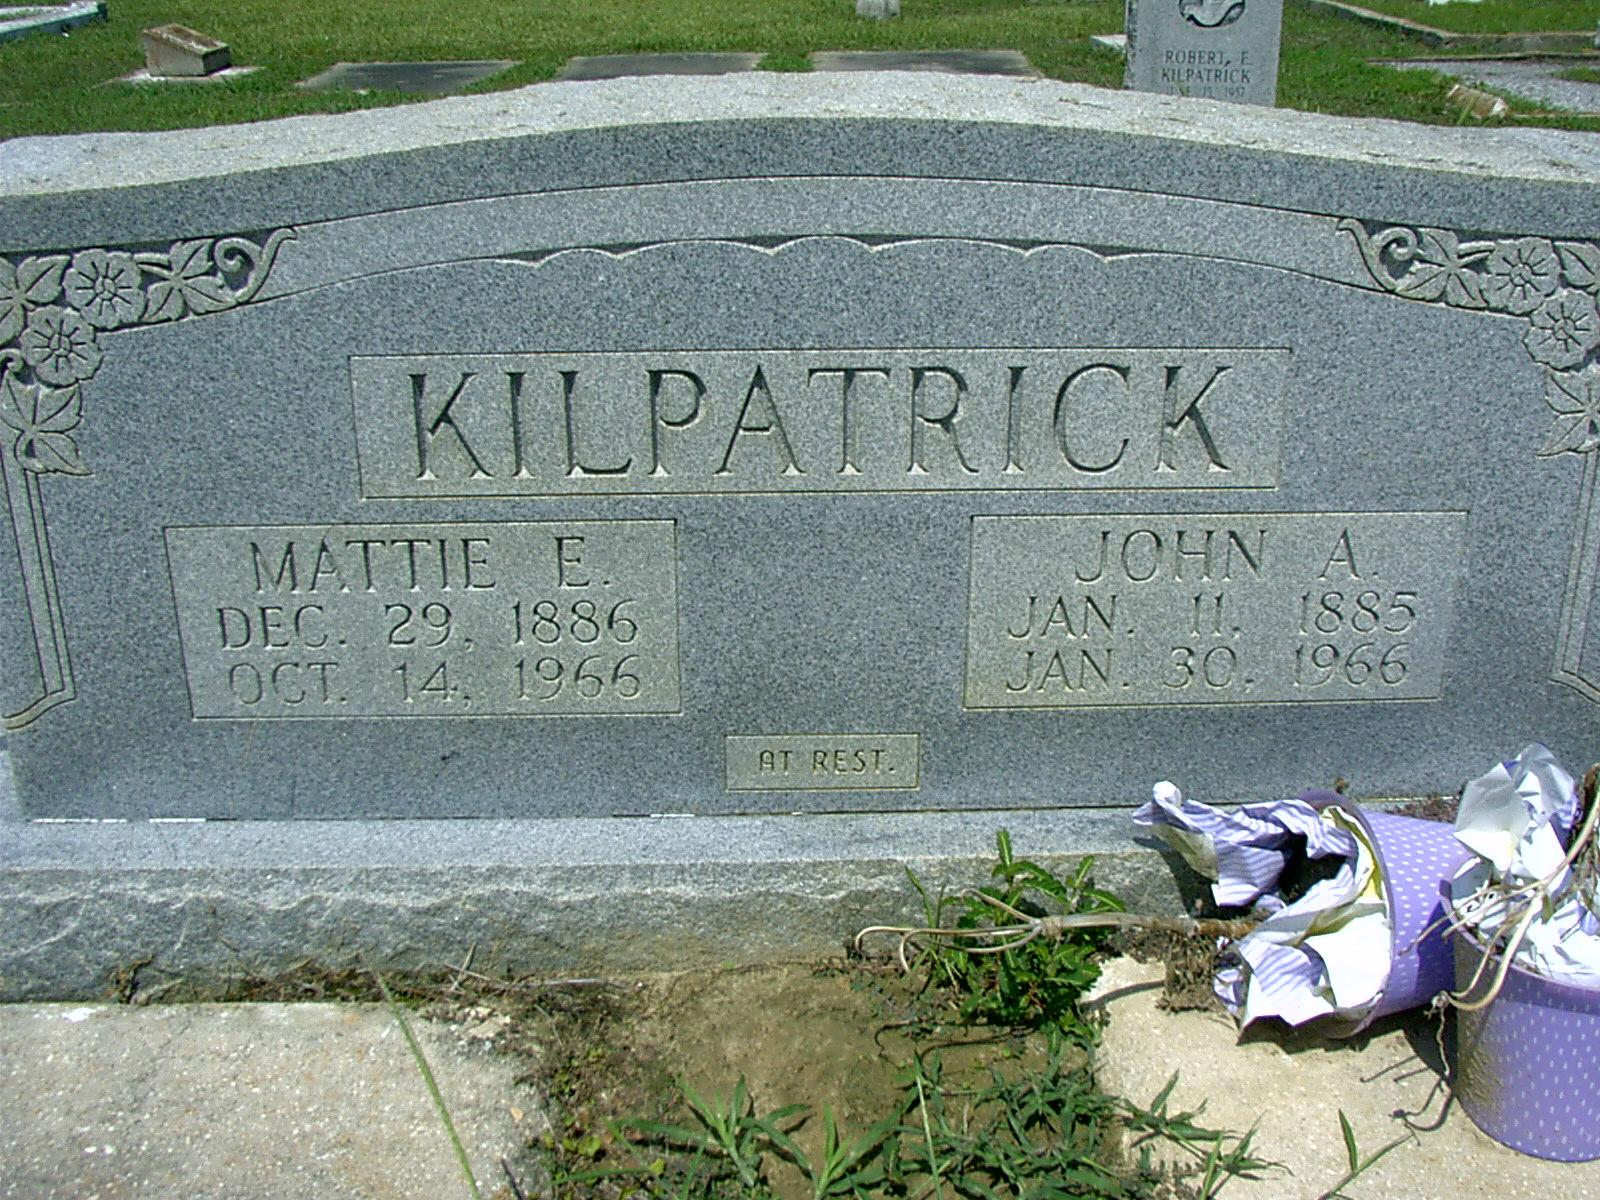 John Allen Kilpatrick